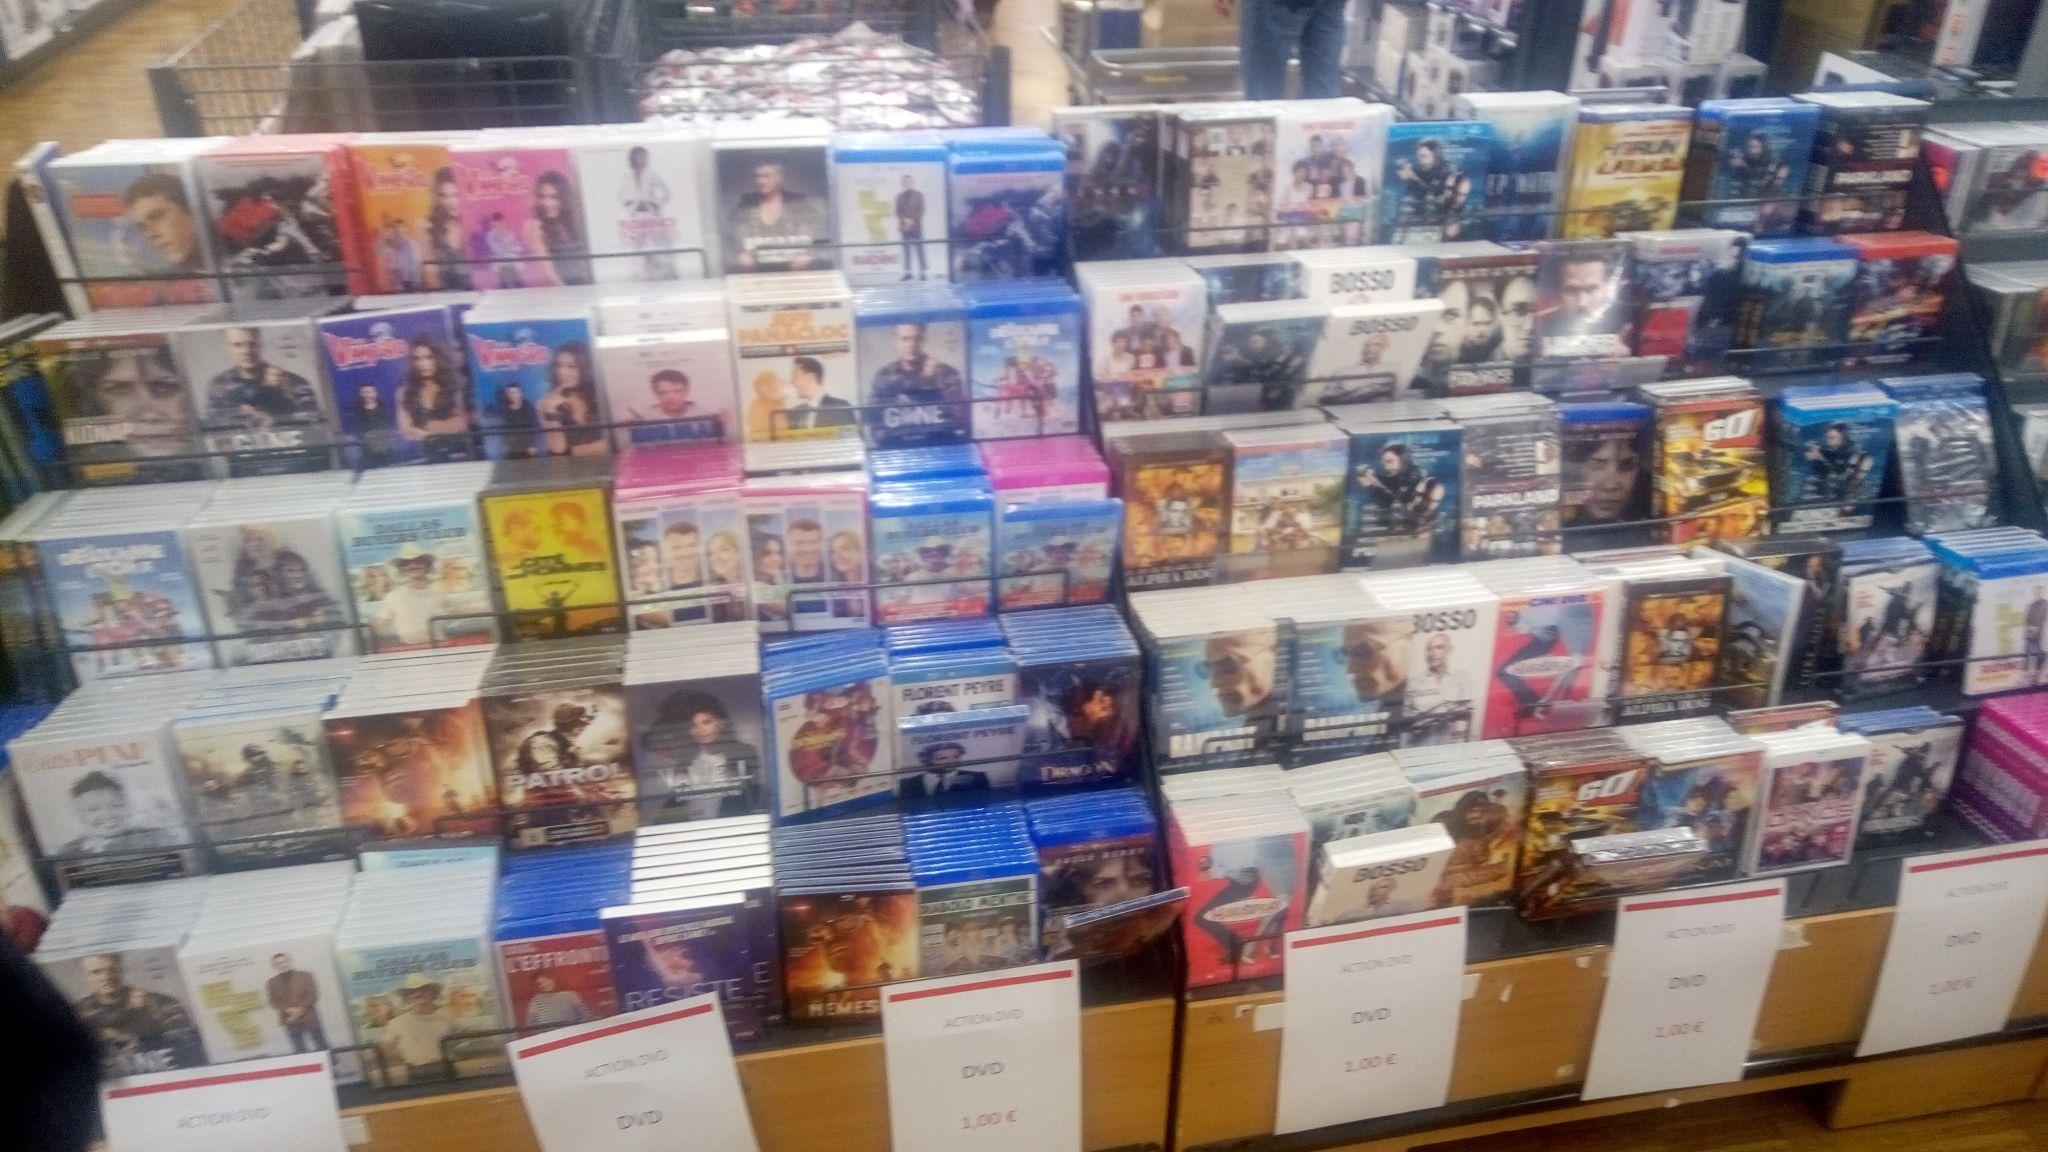 Sélection de Blu-ray et DVDs à 1€ - Foetz (frontaliers Luxembourg)